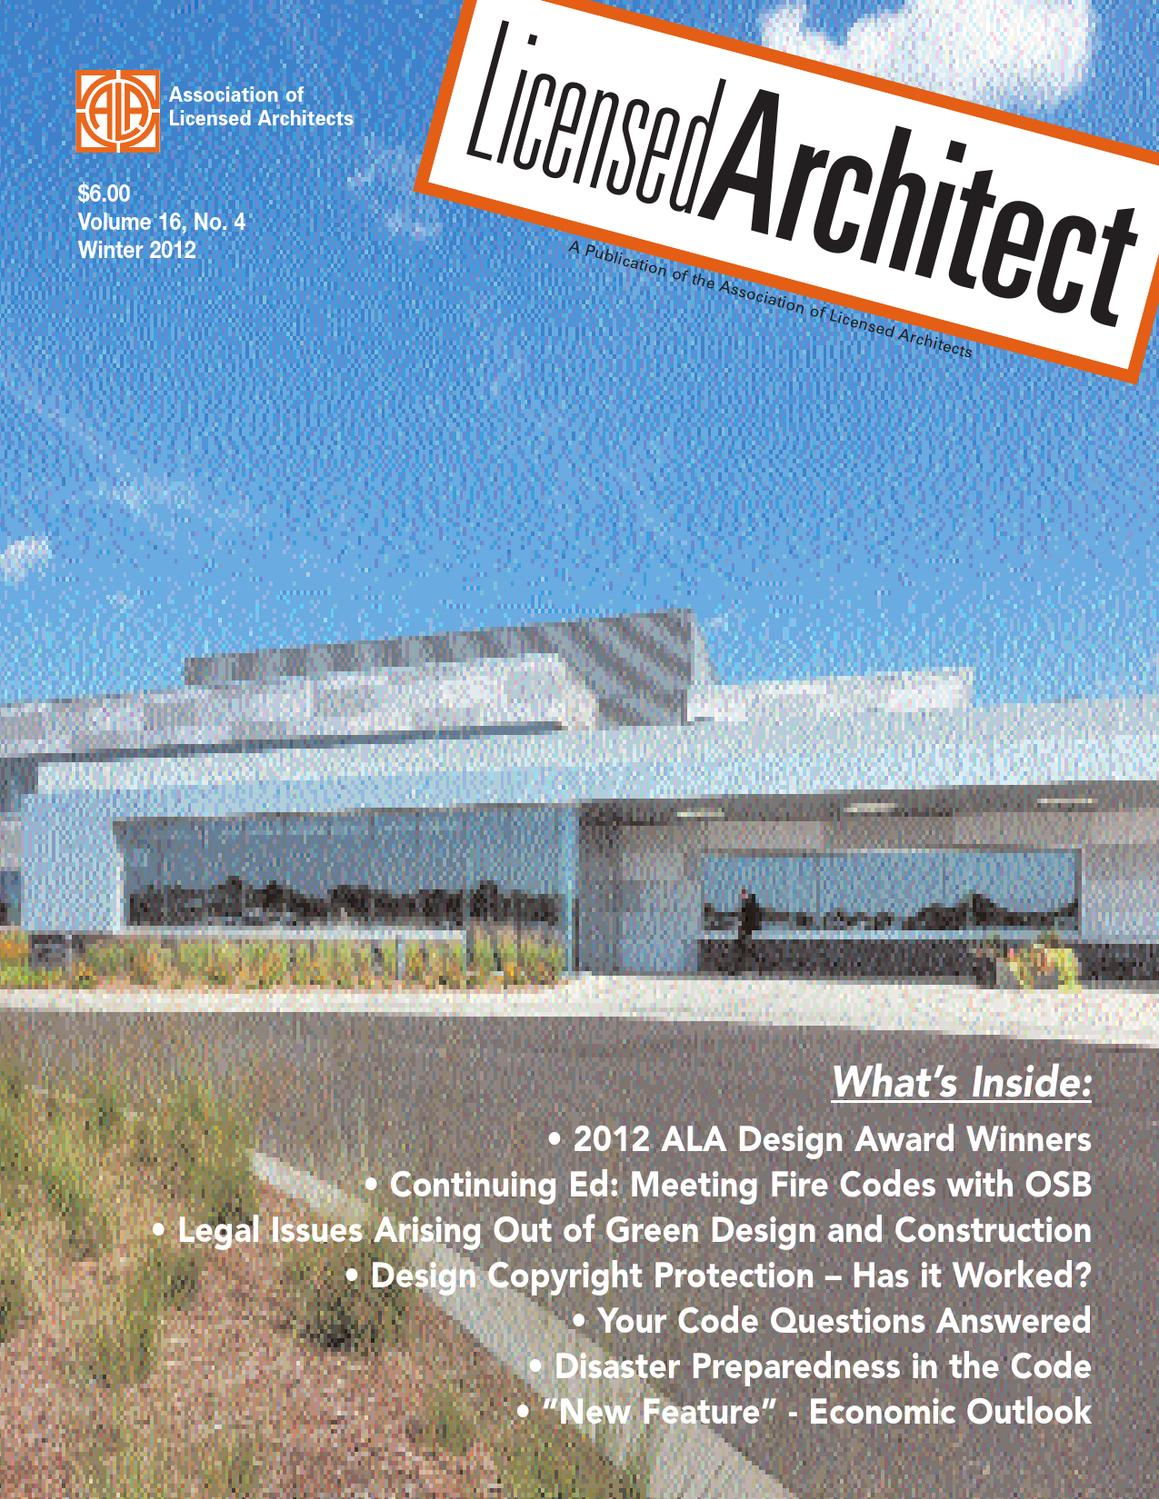 Licensed Architect Winter 2012 by Lisa Brooks - issuu